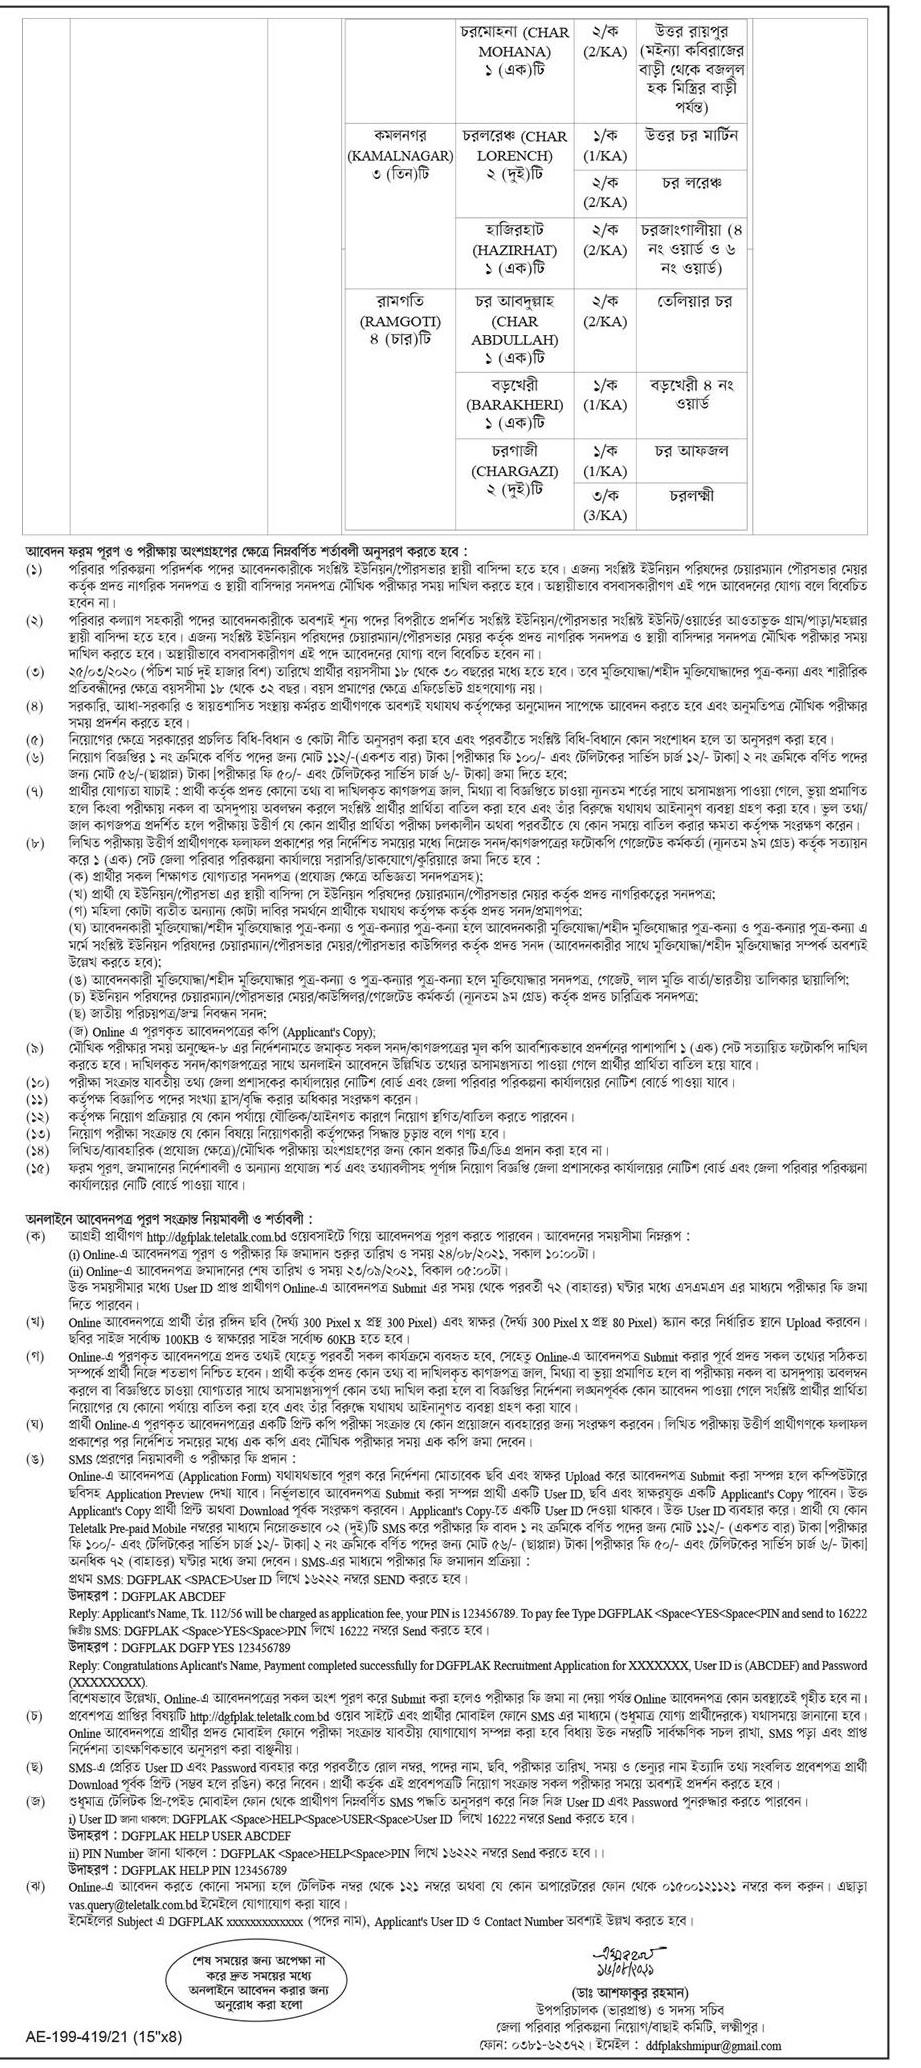 লক্ষিপুর জেলা পরিবার পরিকল্পনা নিয়োগ বিজ্ঞপ্তি ২০২১ - Lakshmipur District Chadpur District poribar porikolpona job circular 2021 - স্বাস্থ্য ও পরিবার পরিকল্পনা অধিদপ্তরে নিয়োগ বিজ্ঞপ্তি